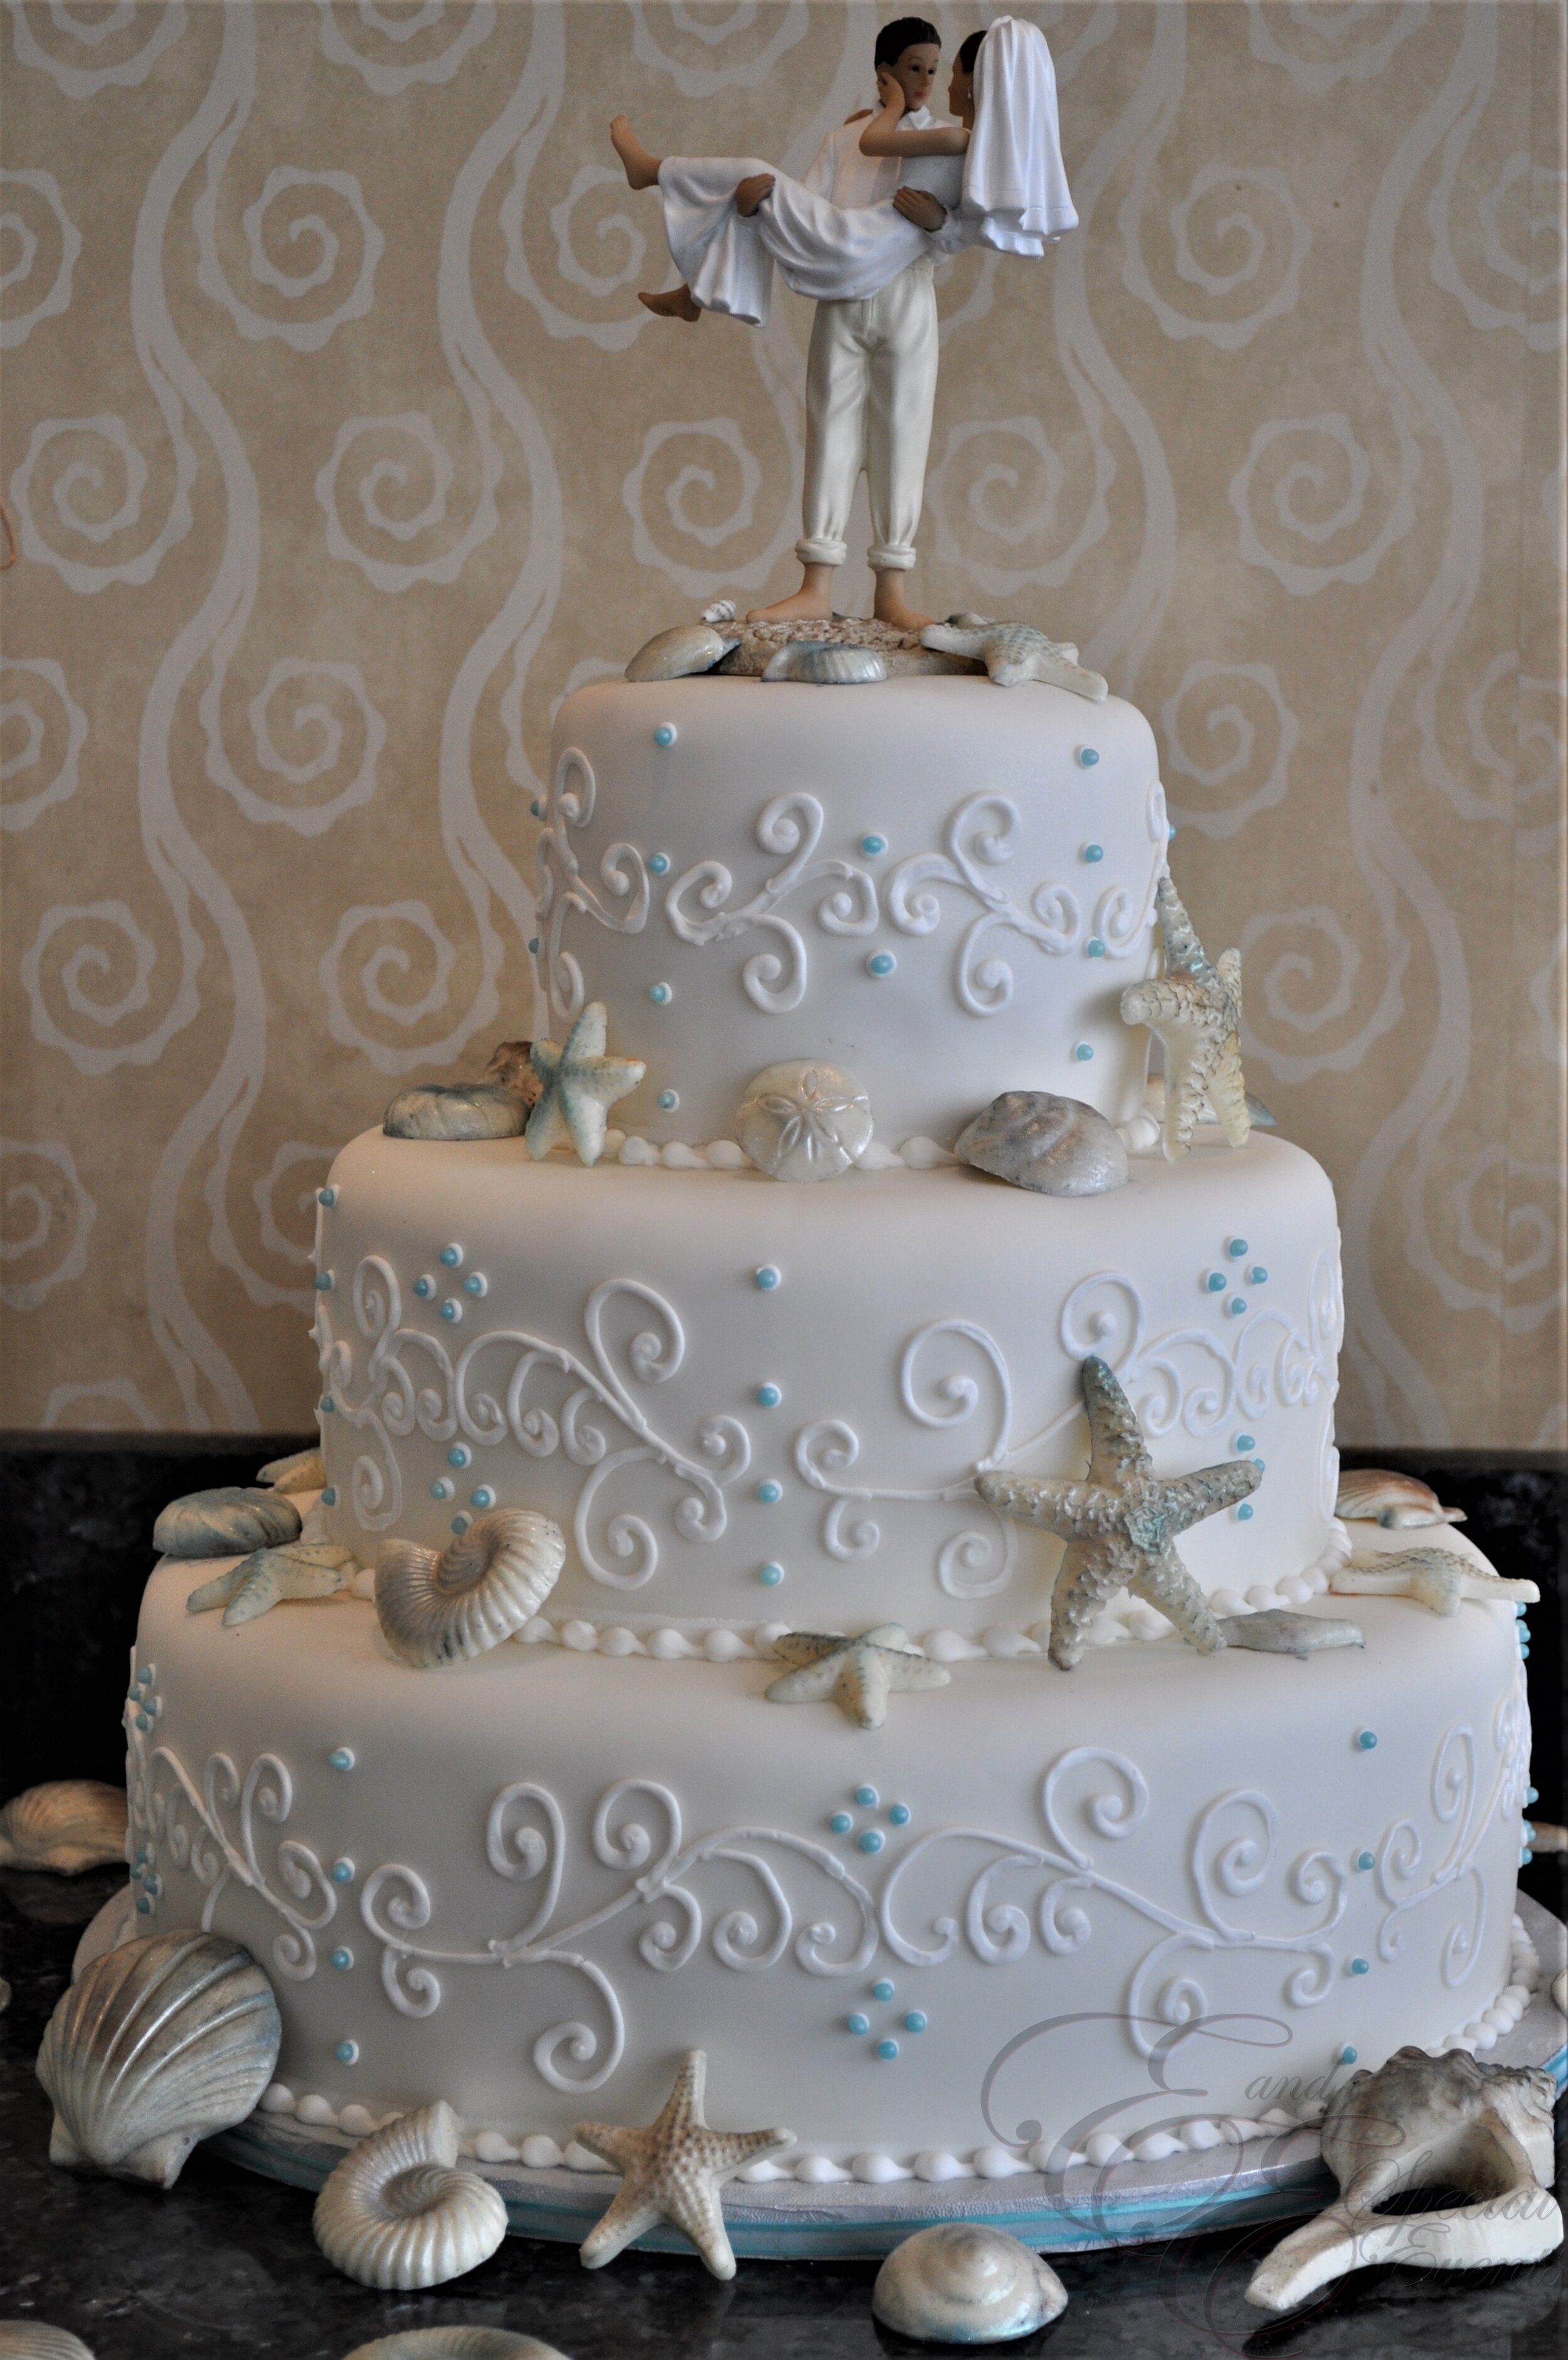 E_E_Special_Events_Wedding_Cakes_Virginia_Beach_Hampton_Roads12.jpg